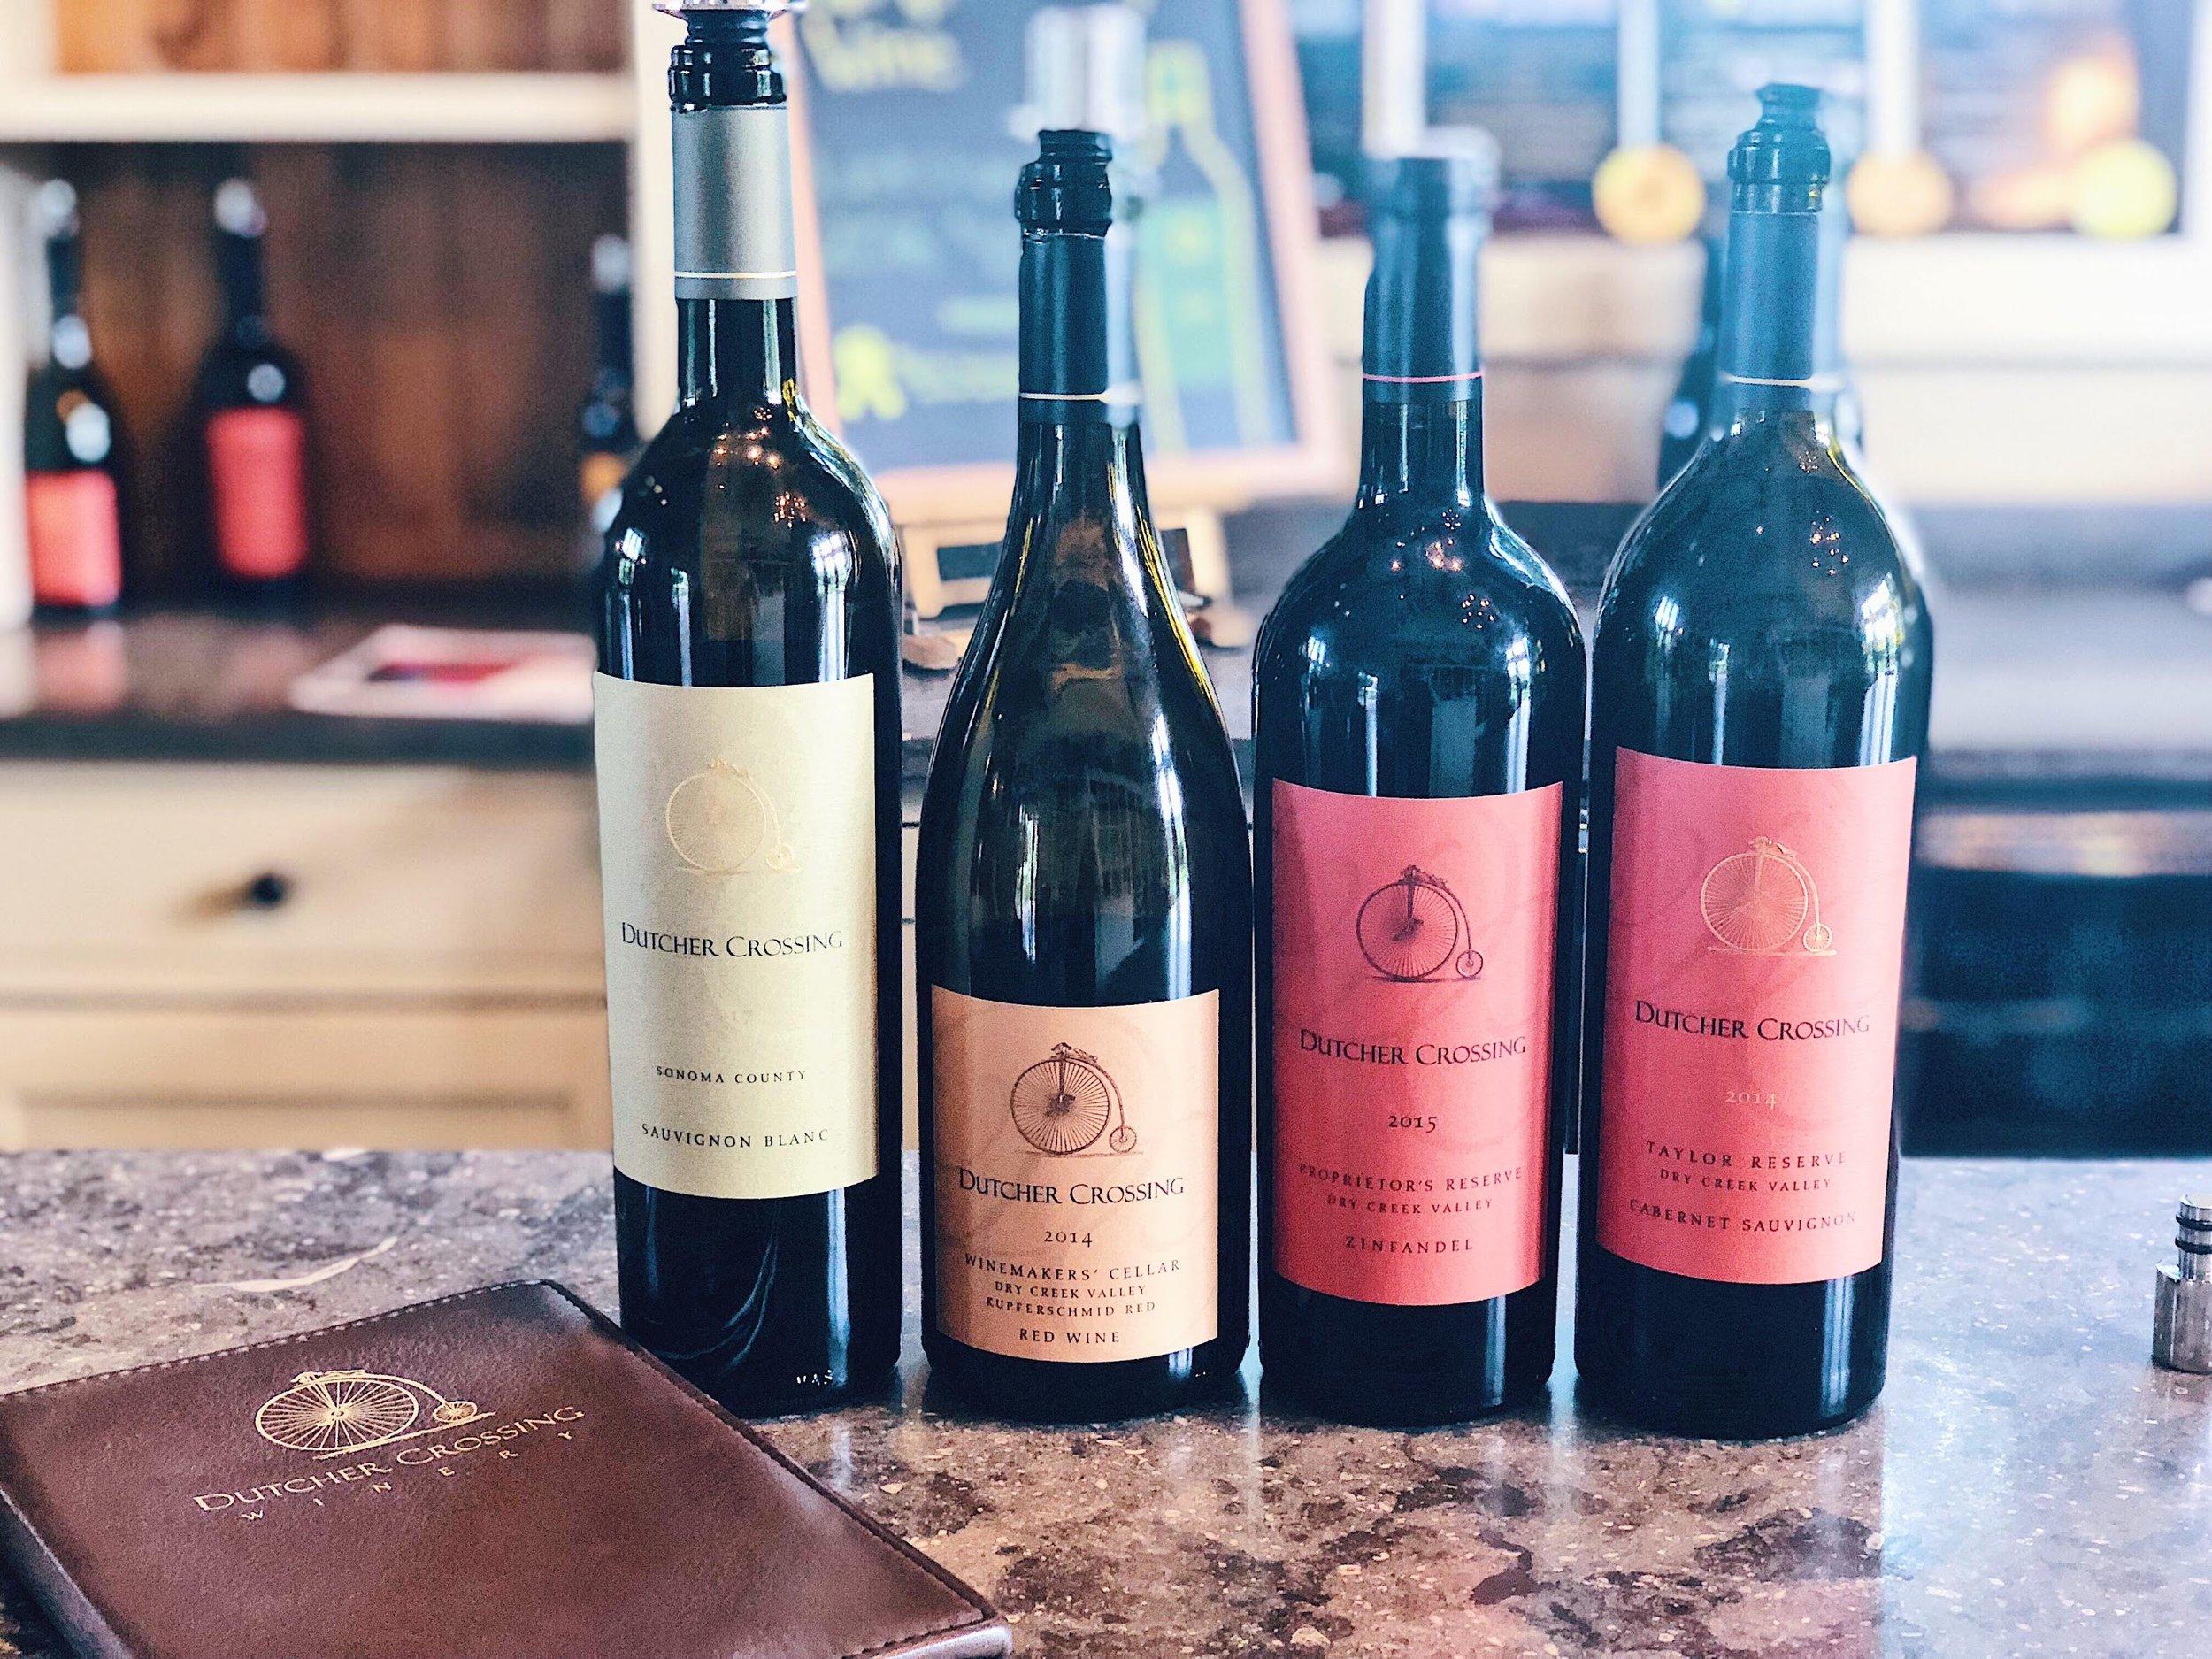 Dutcher Crossing Wine Bottles